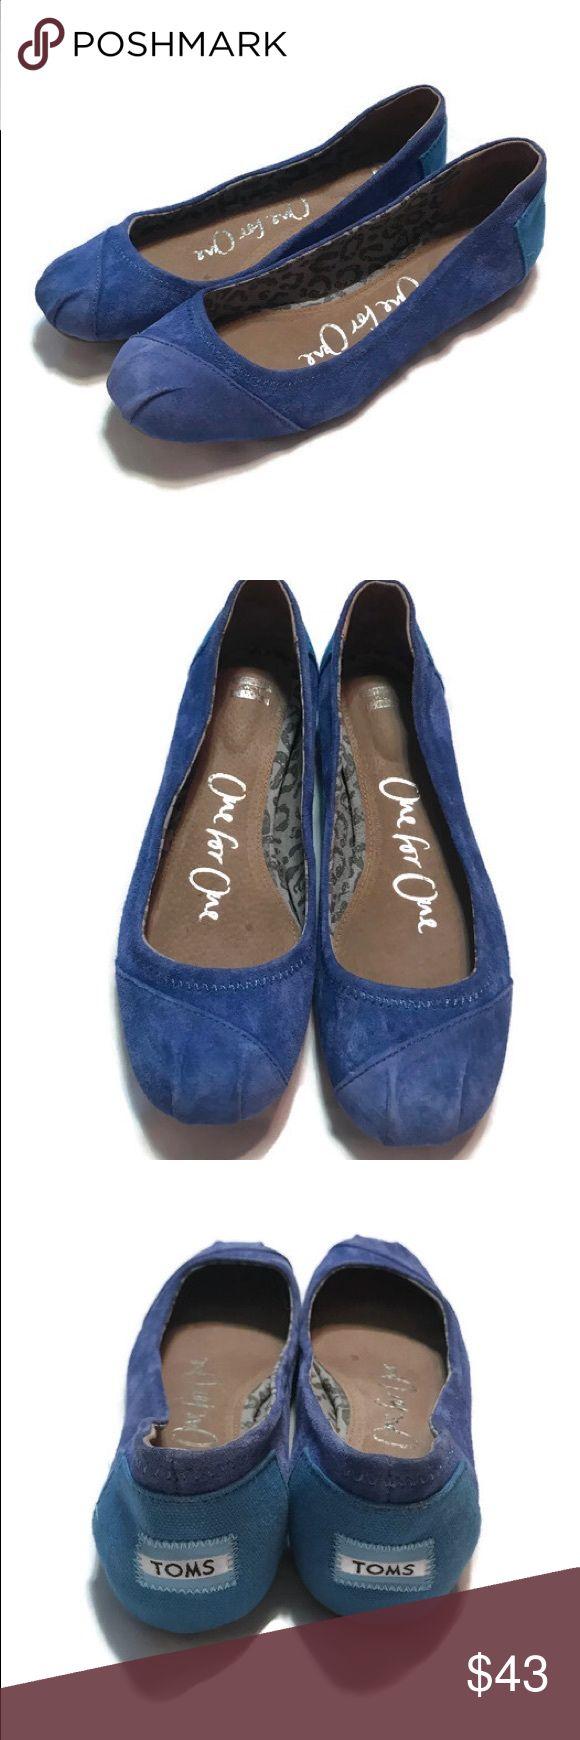 Toms ballet flats size W7.5 Toms ballet flats size W7.5 Toms Shoes